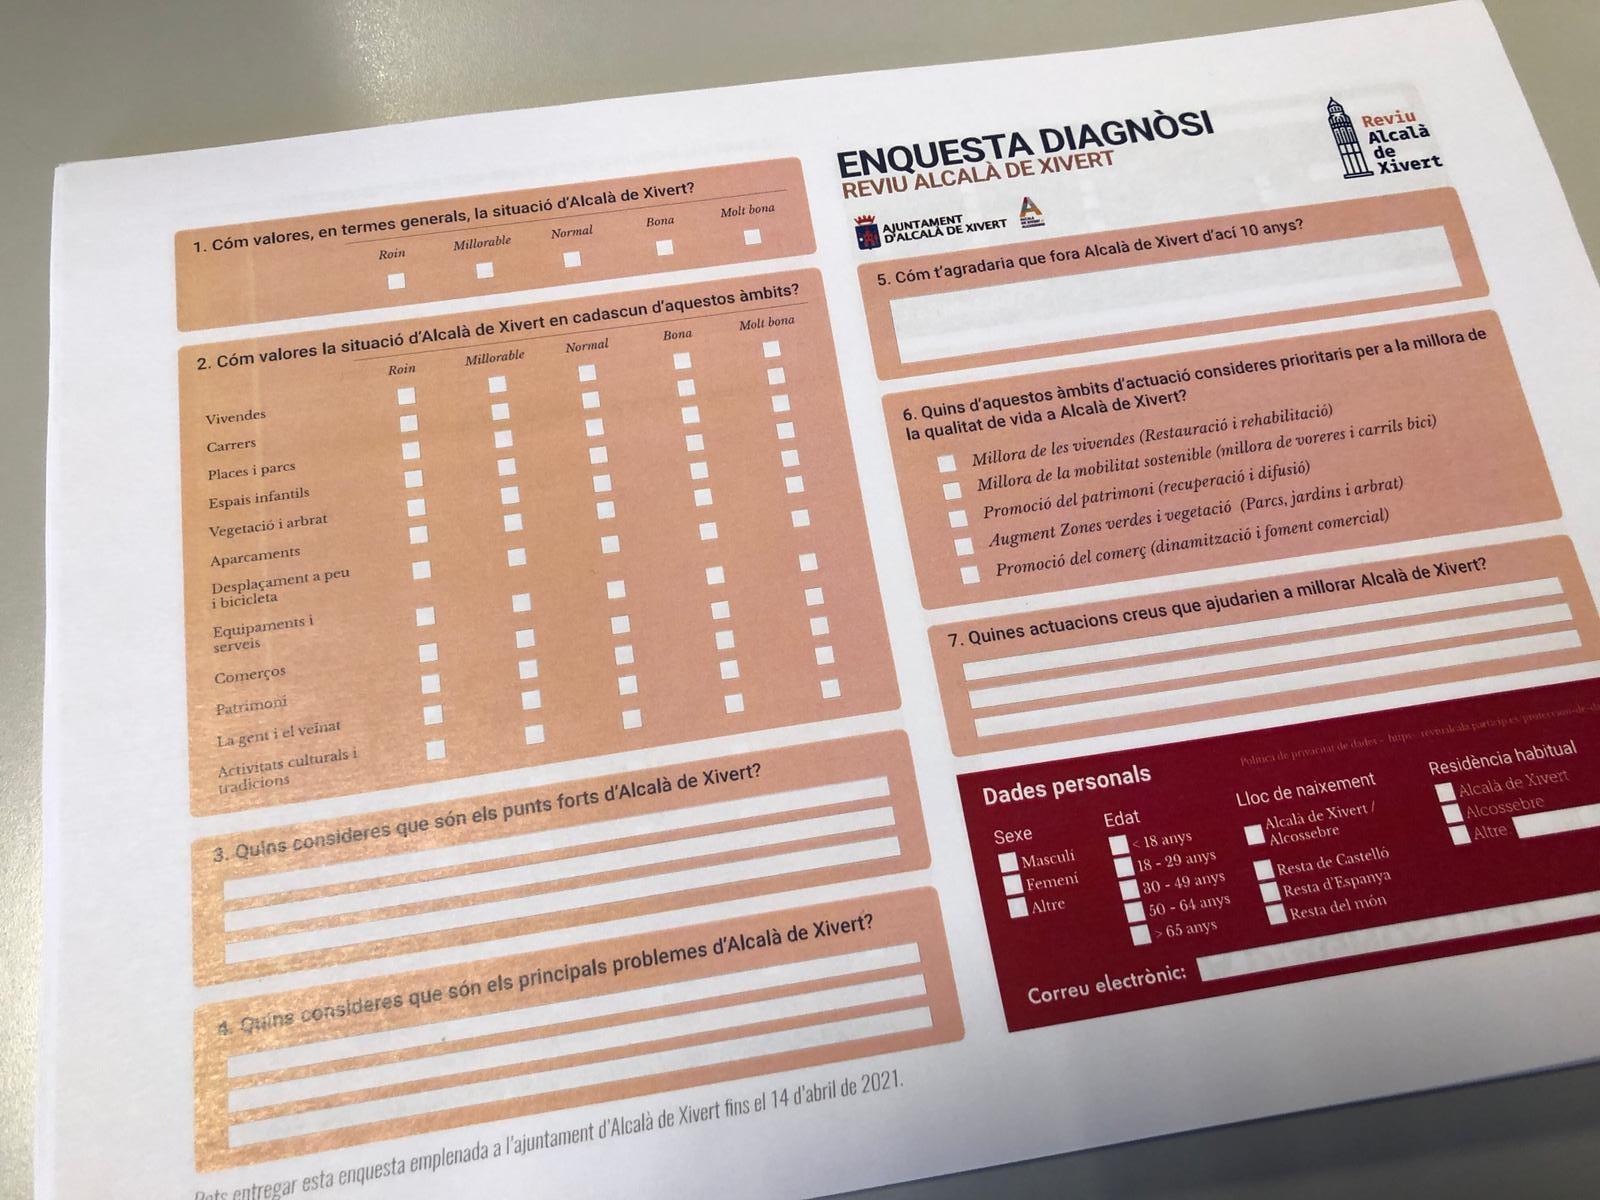 Comença el procés de participació ciutadana del Pla de Revitalització Integral-REVIU Alcalà de Xivert